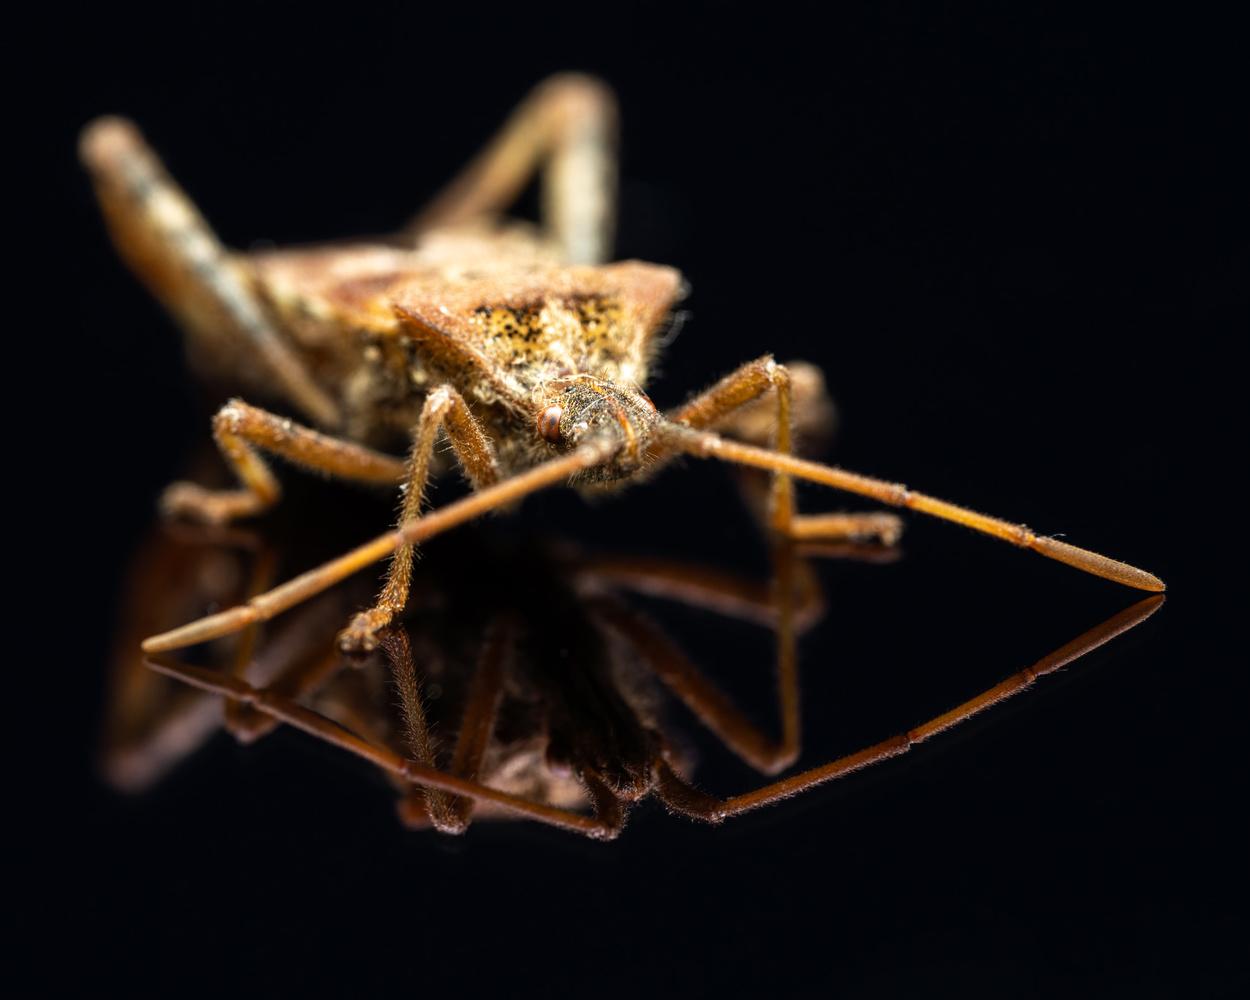 Leaf bug by Skyler Ewing